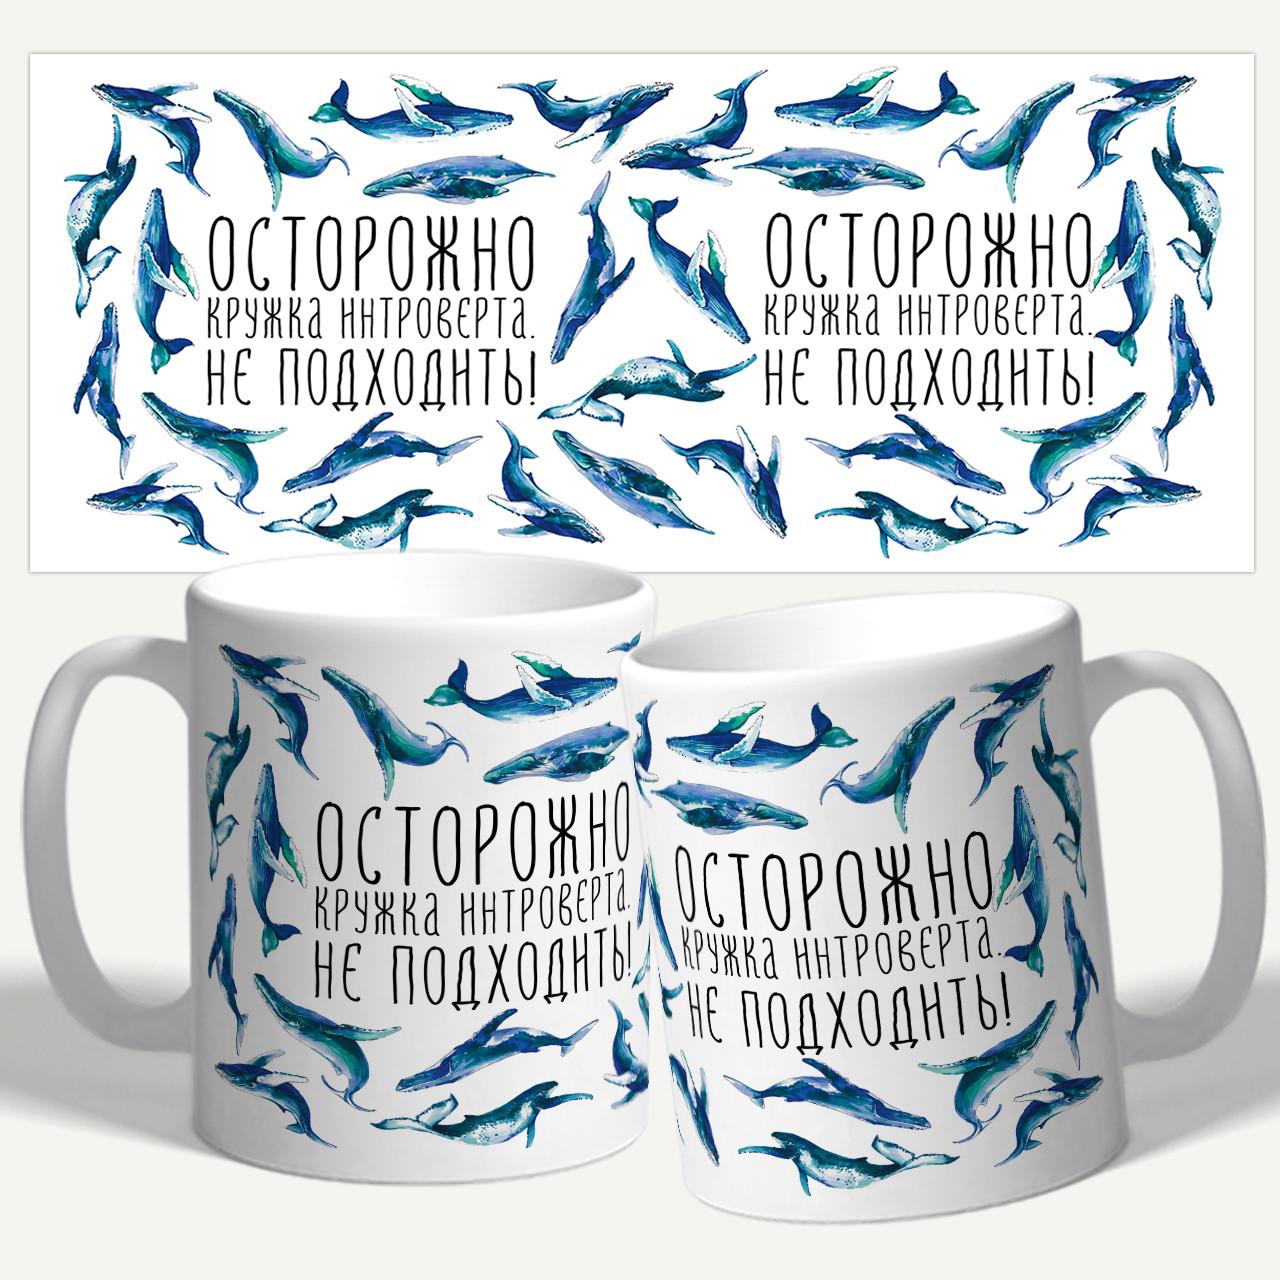 """Чашка/Кружка с принтом """"Кружка интроверта"""""""